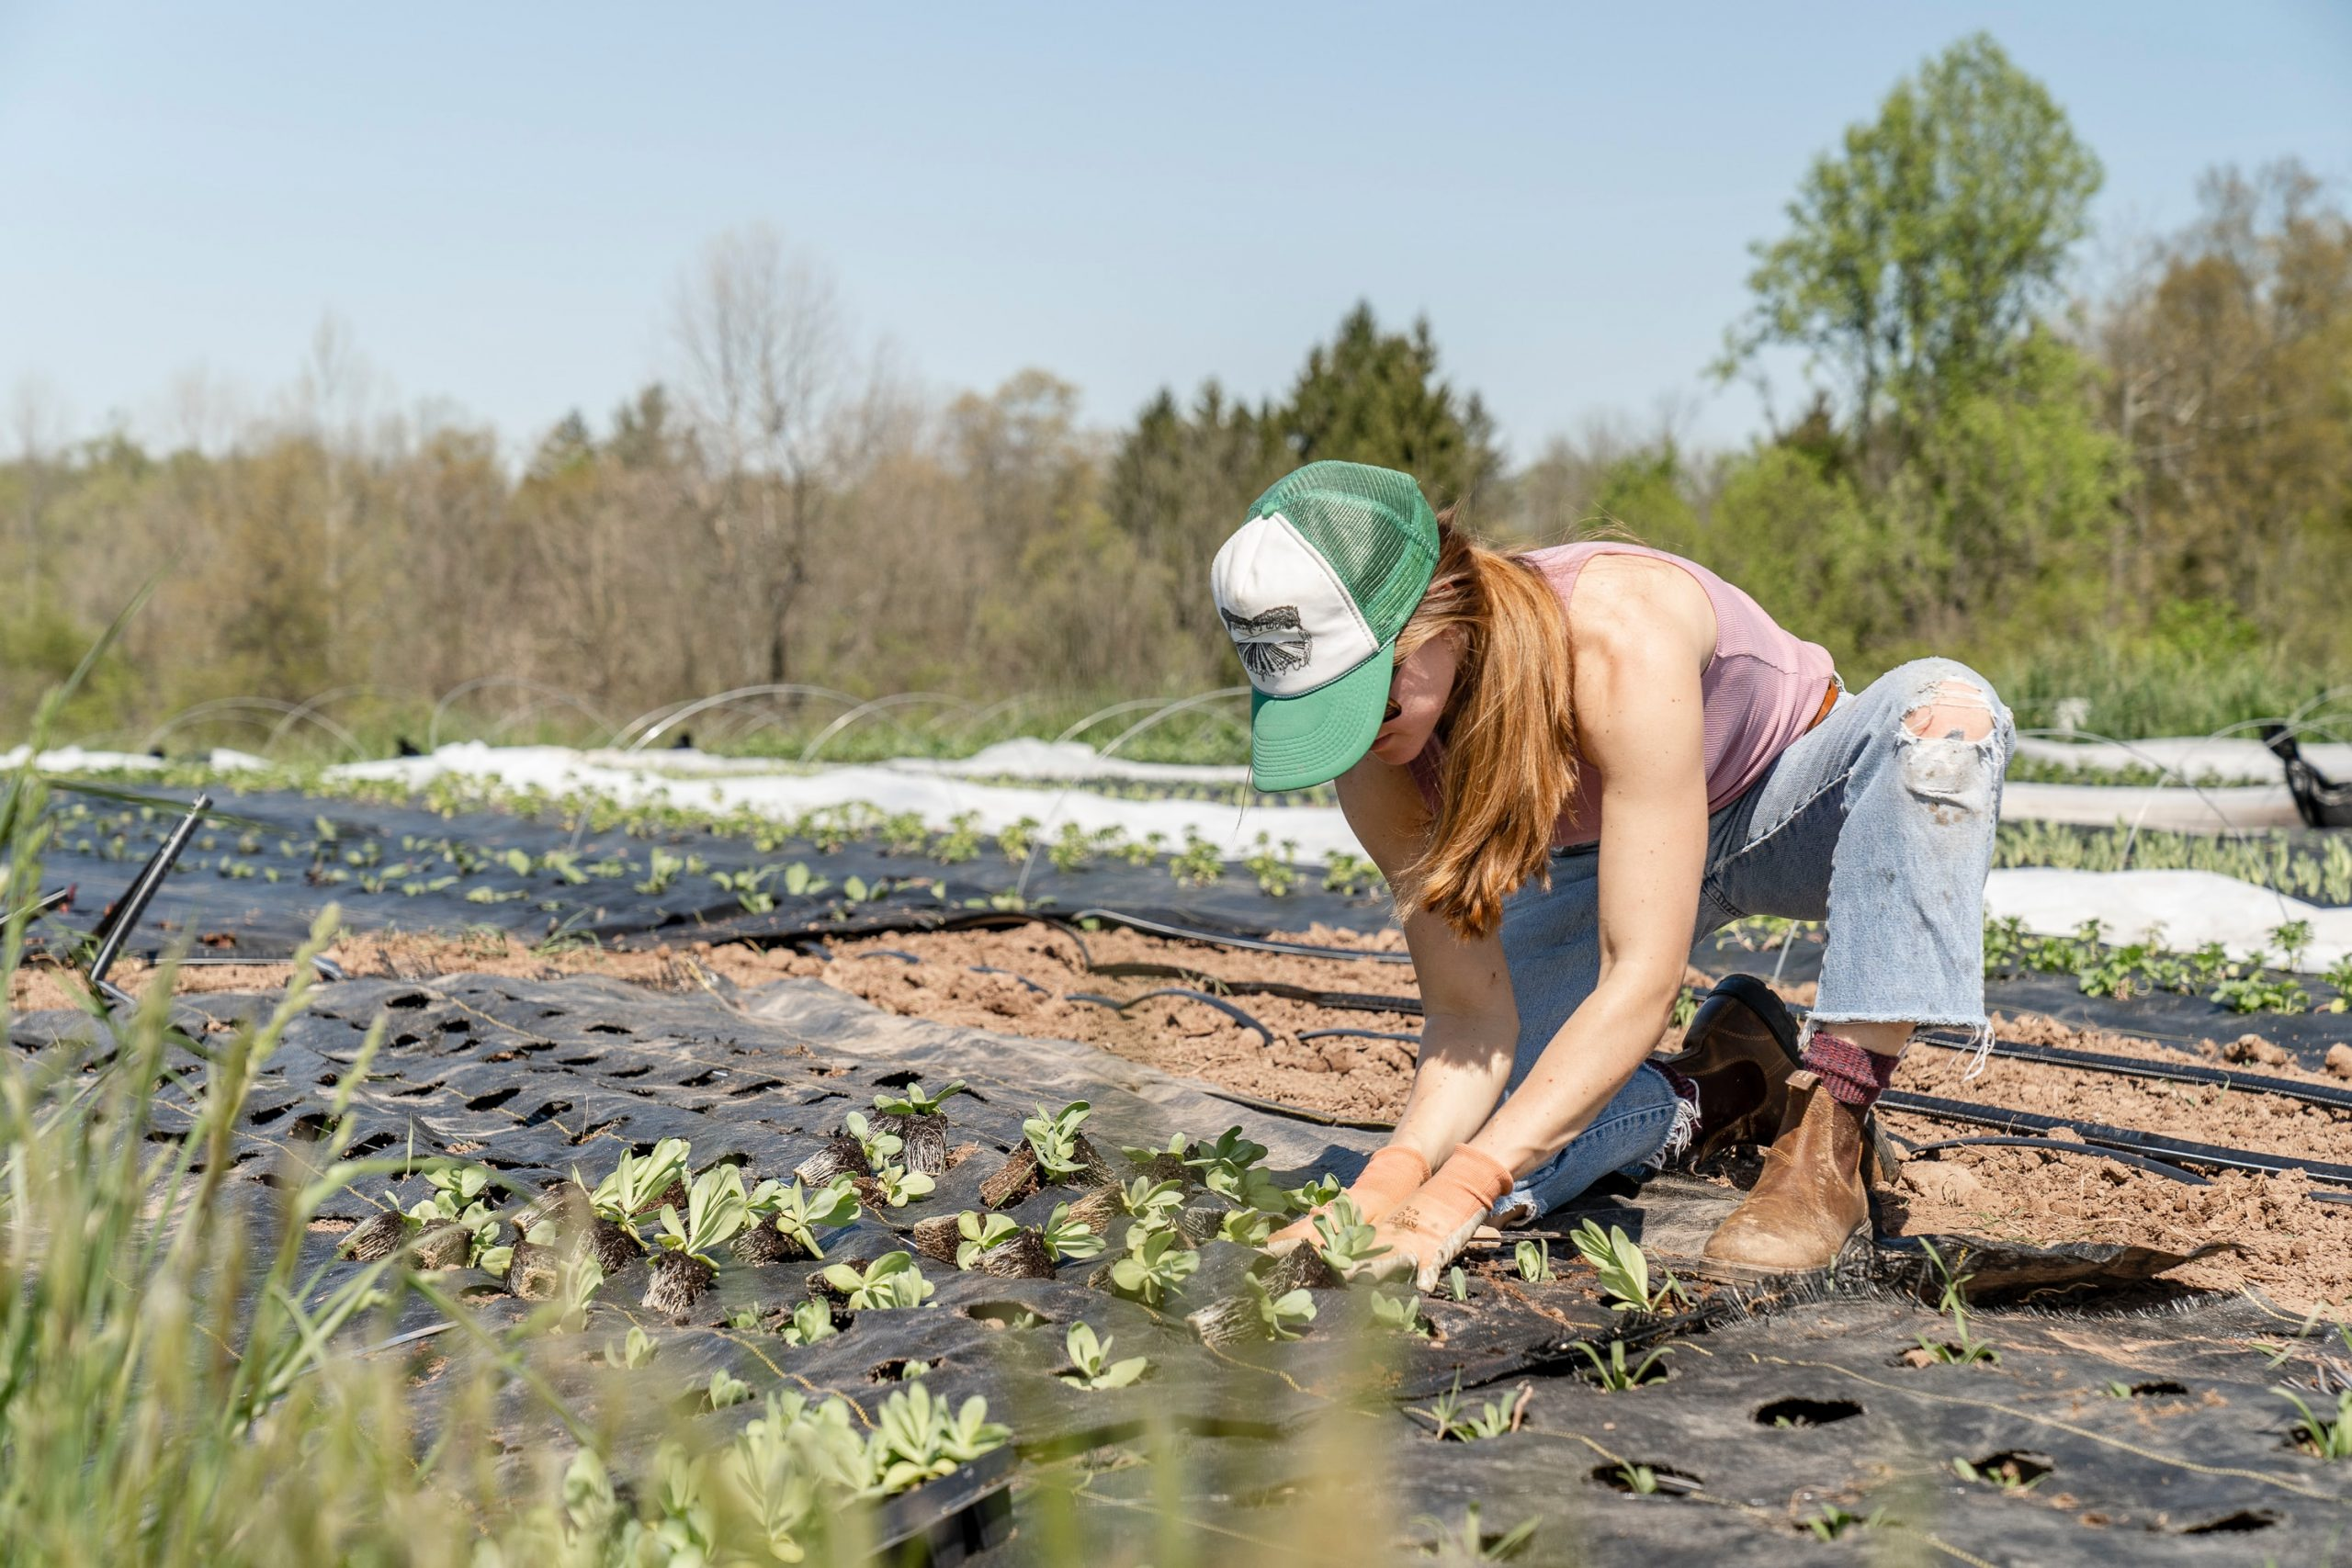 L'agricoltura biologica vende, ma non sempre paga